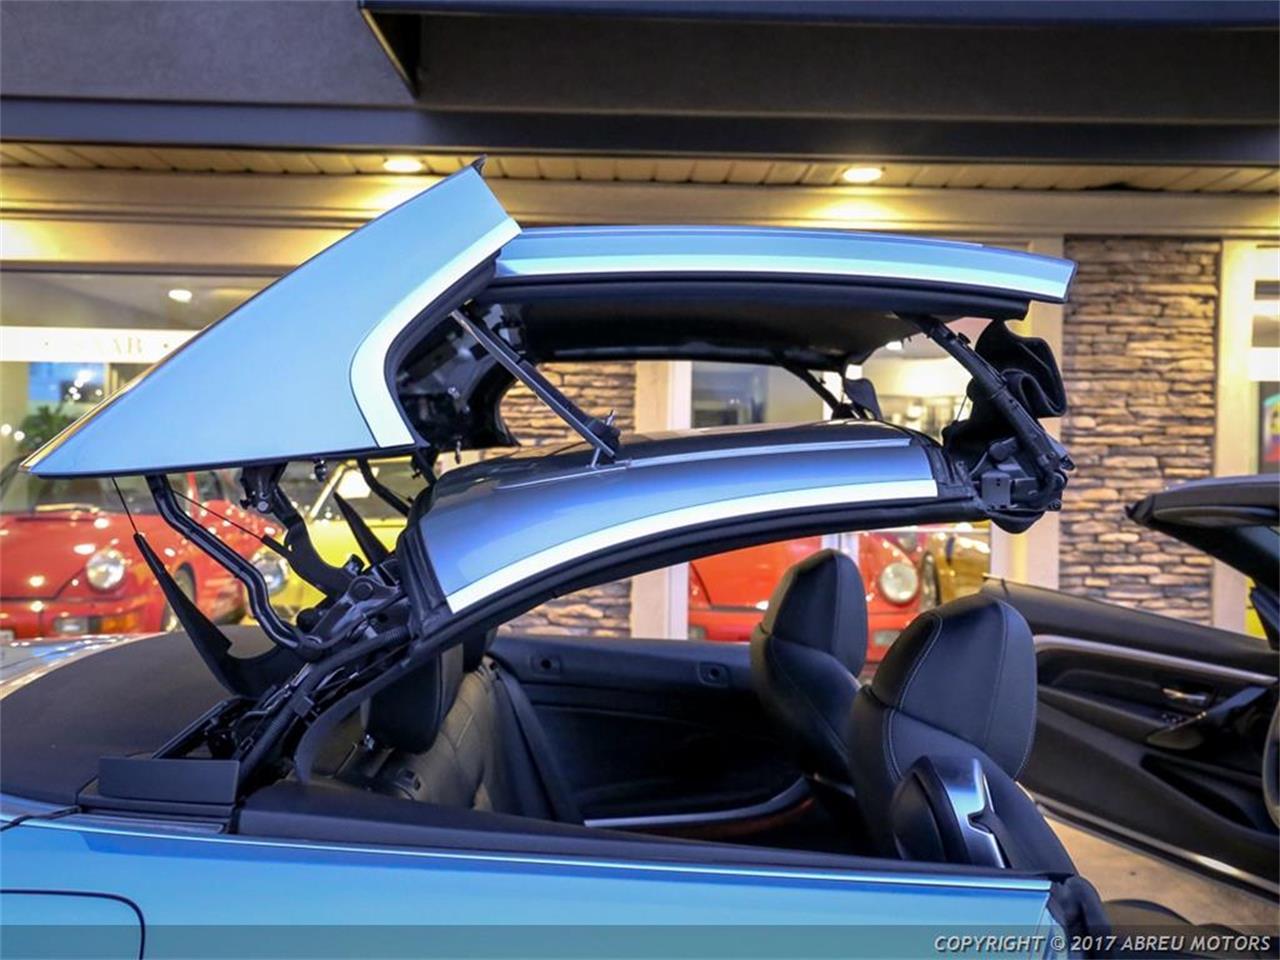 BMW I For Sale ClassicCarscom CC - Carmel indiana car show